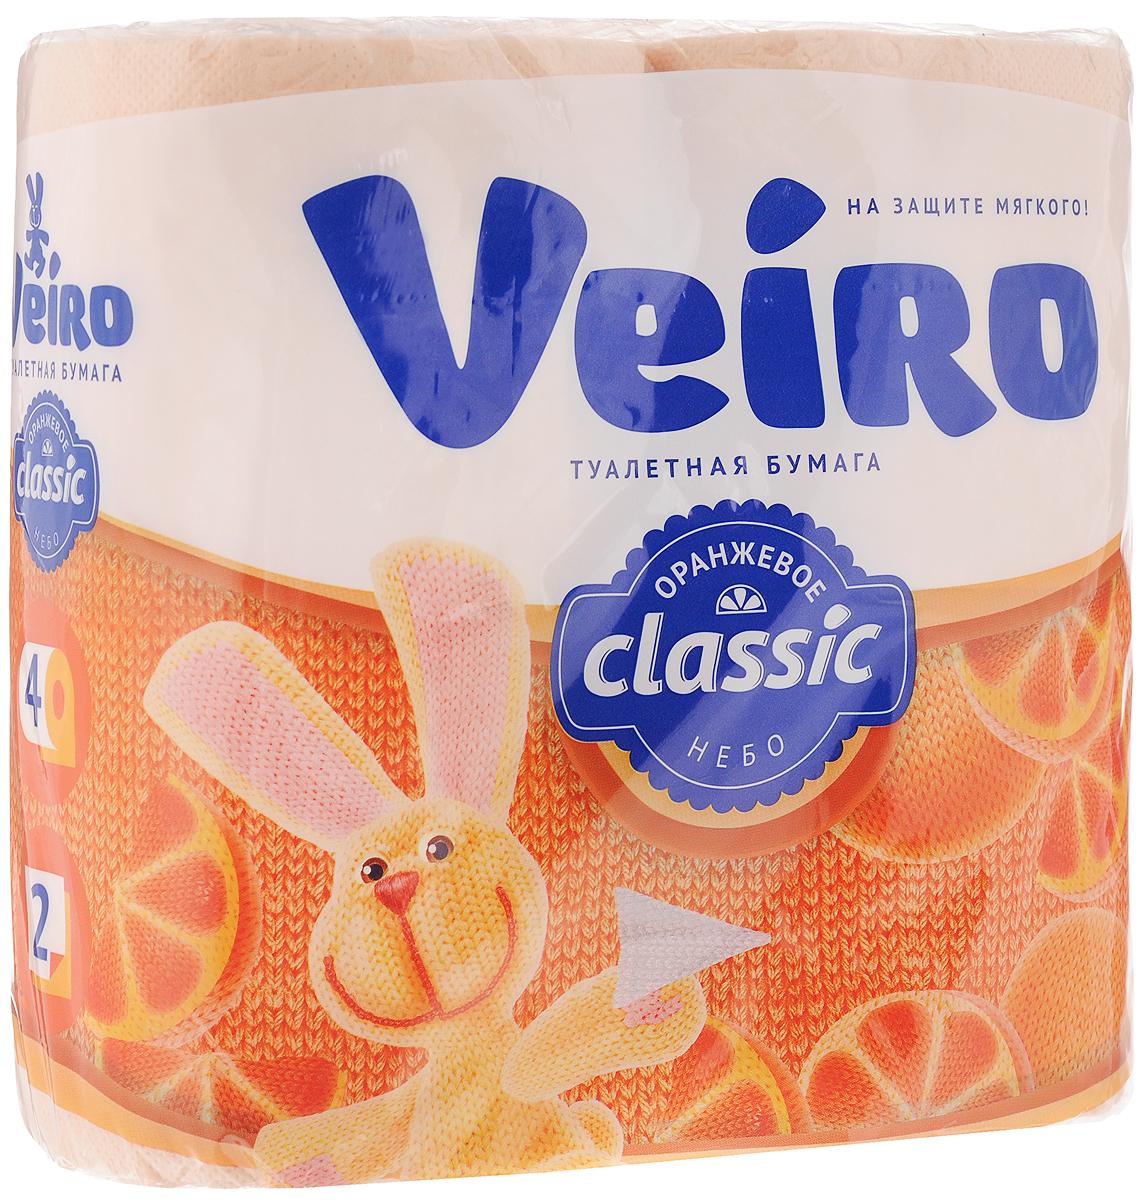 Бумага туалетная Veiro Classic. Цитрус, ароматизированная, двухслойная, 4 рулона5C24жАроматизированная туалетная бумага Veiro Classic. Цитрус, выполнена из натуральной целлюлозы и обладает приятным ароматом апельсина. Двухслойная туалетная бумага мягкая, нежная, но в тоже время прочная, с отрывом по линии перфорации. Листы имеют рисунок с тиснением. Длина рулона: 17,5 м. Количество слоев: 2. Размер листа: 12,5 х 9,5 см. Состав: 100% целлюлоза.